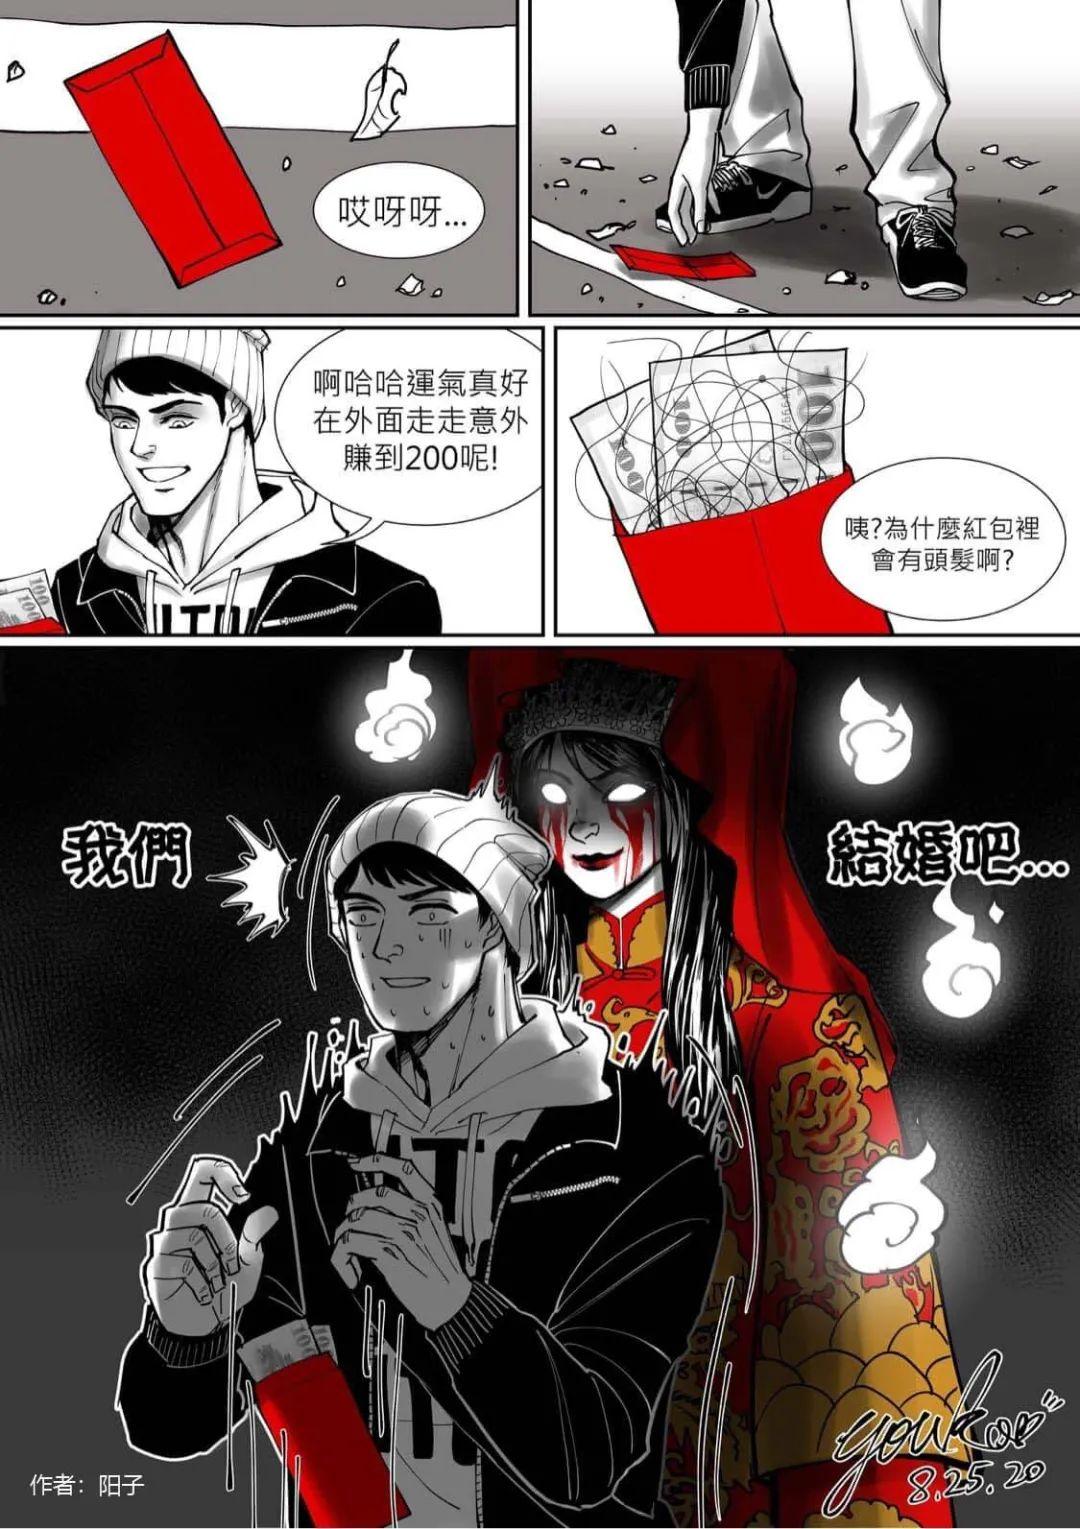 僵尸王漫画:一页惊悚:结婚吧